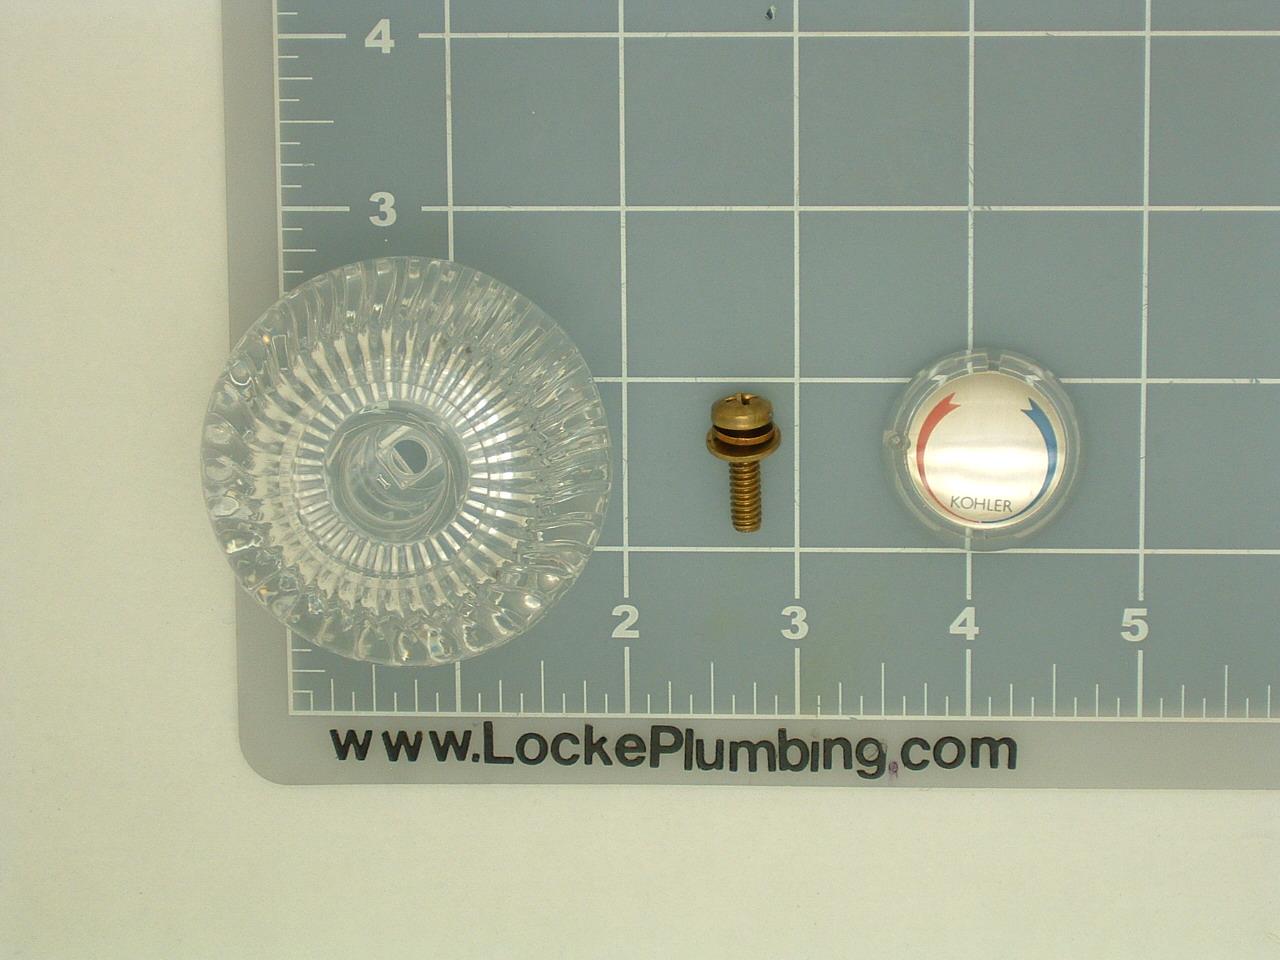 Kohler Gp30416 Acrylic Knob Handle Locke Plumbing